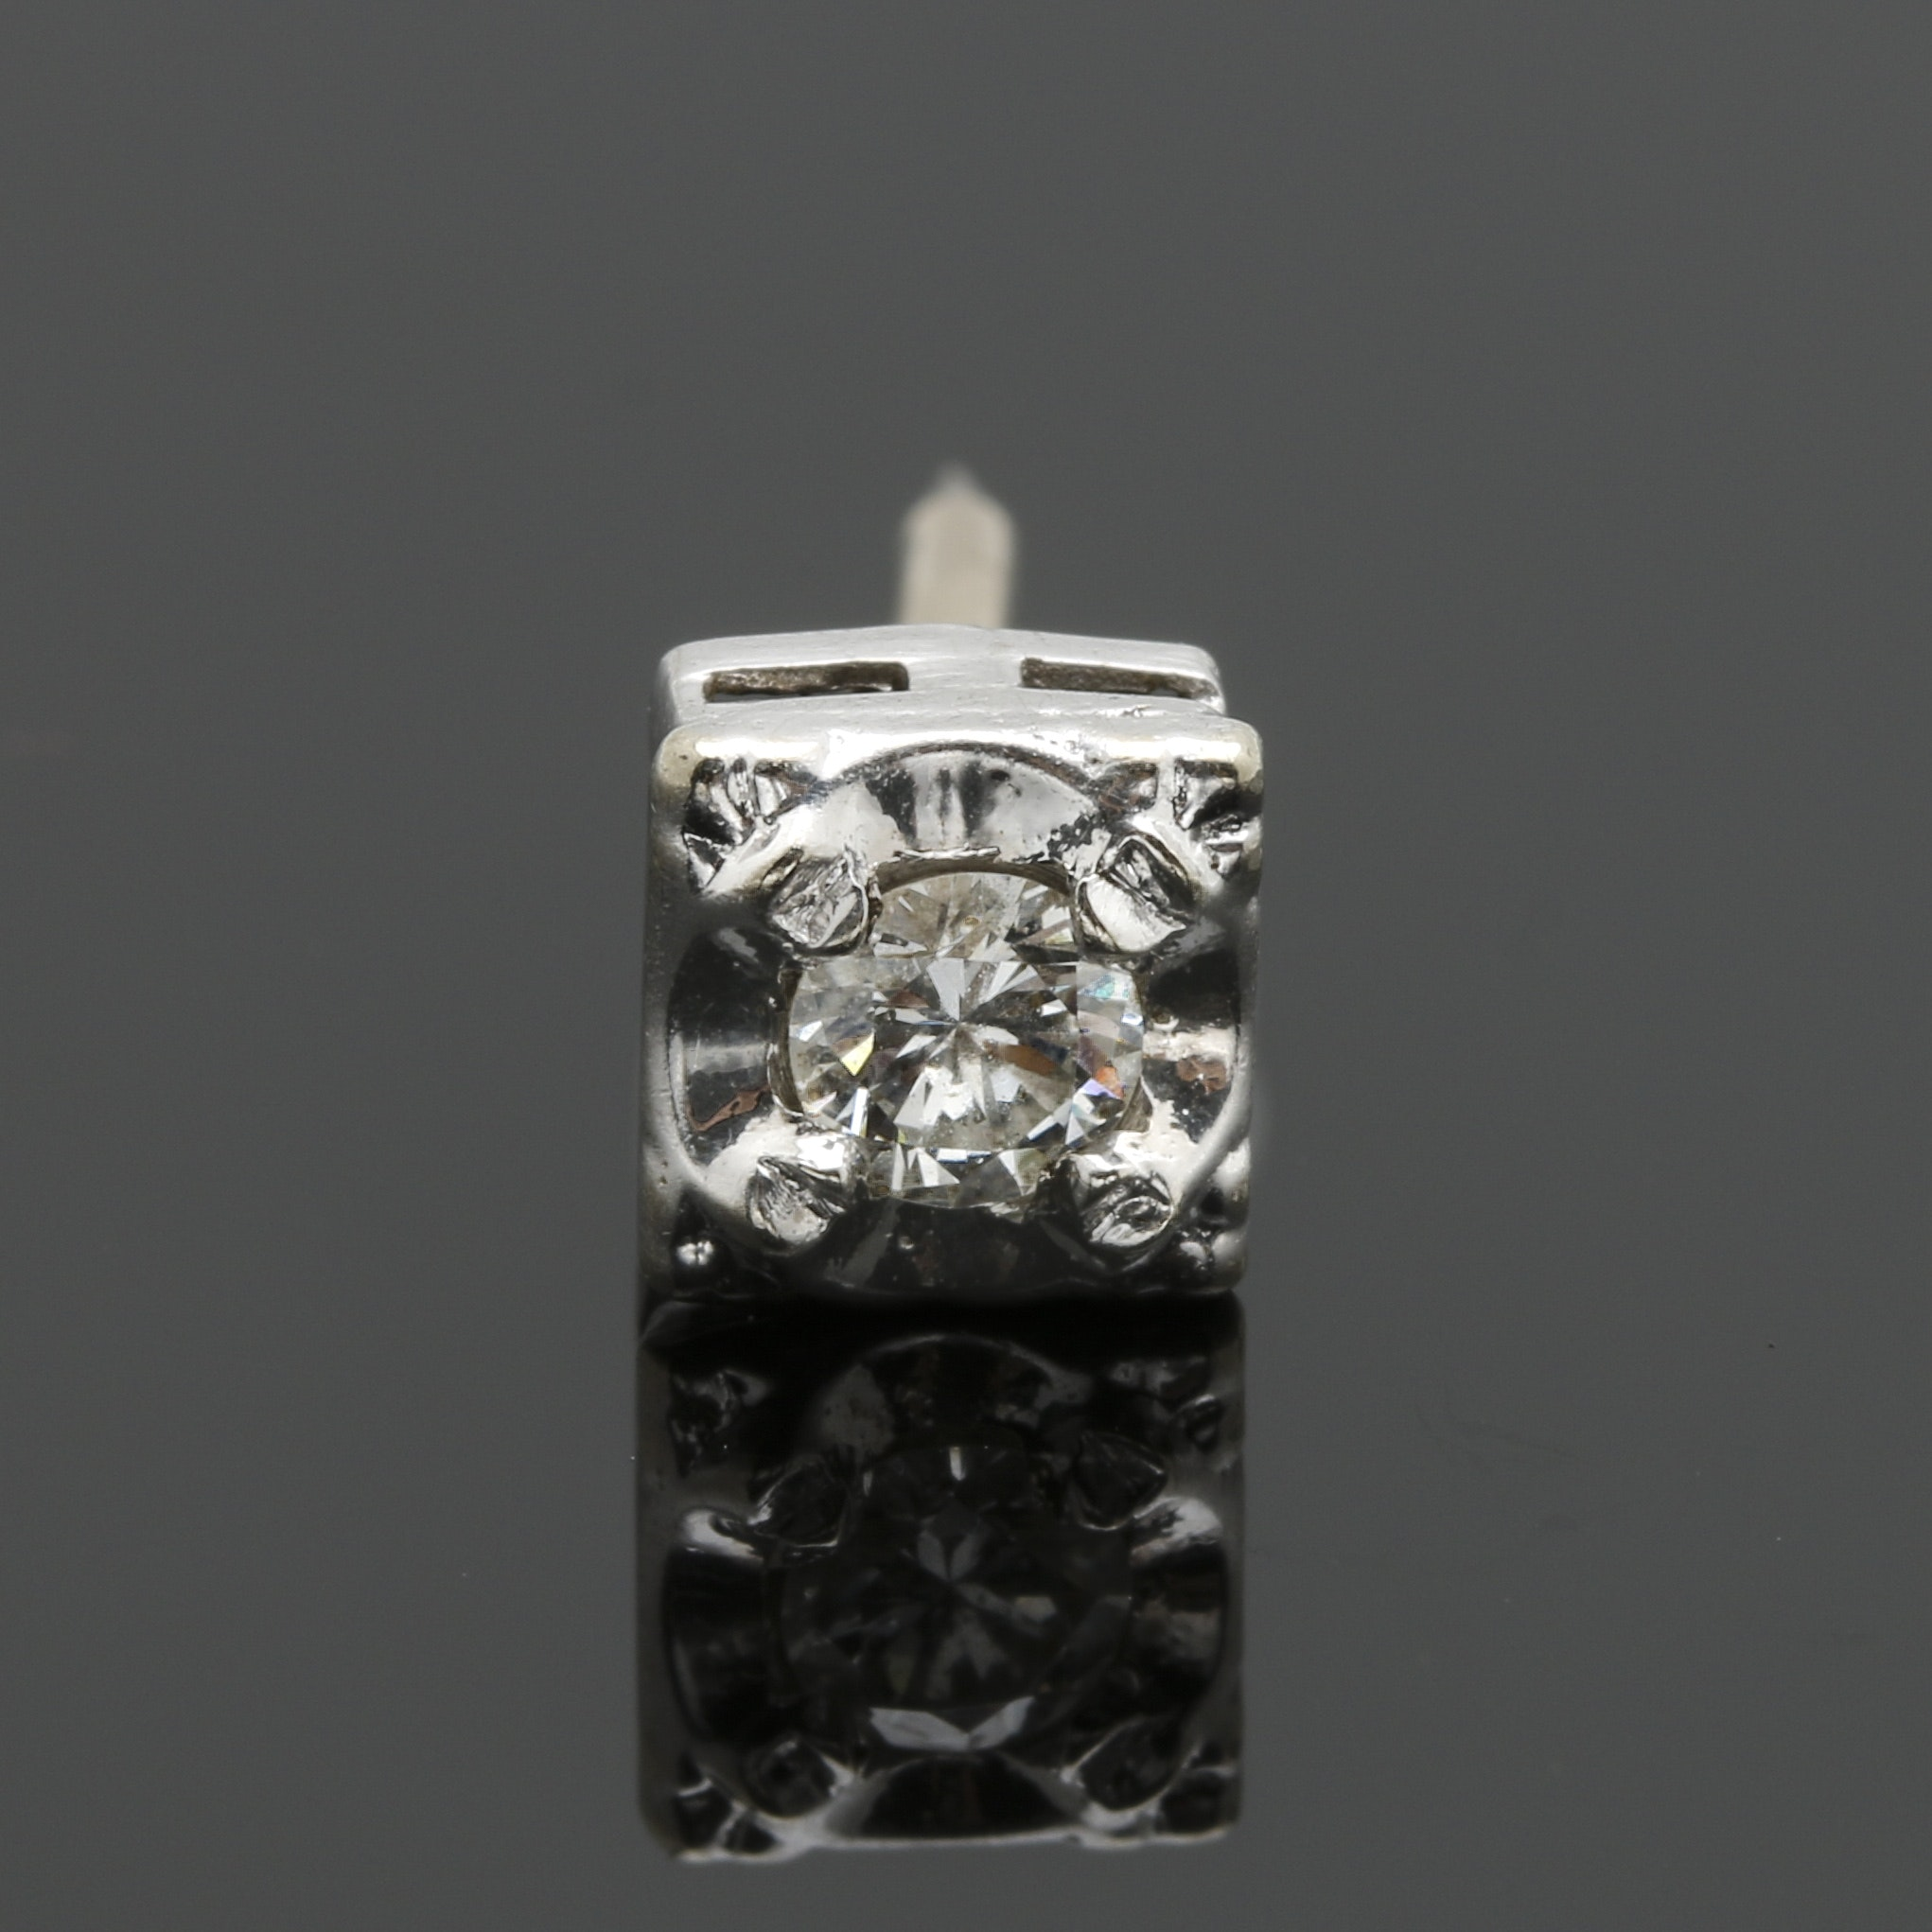 14K White Gold Diamond Tie Tack